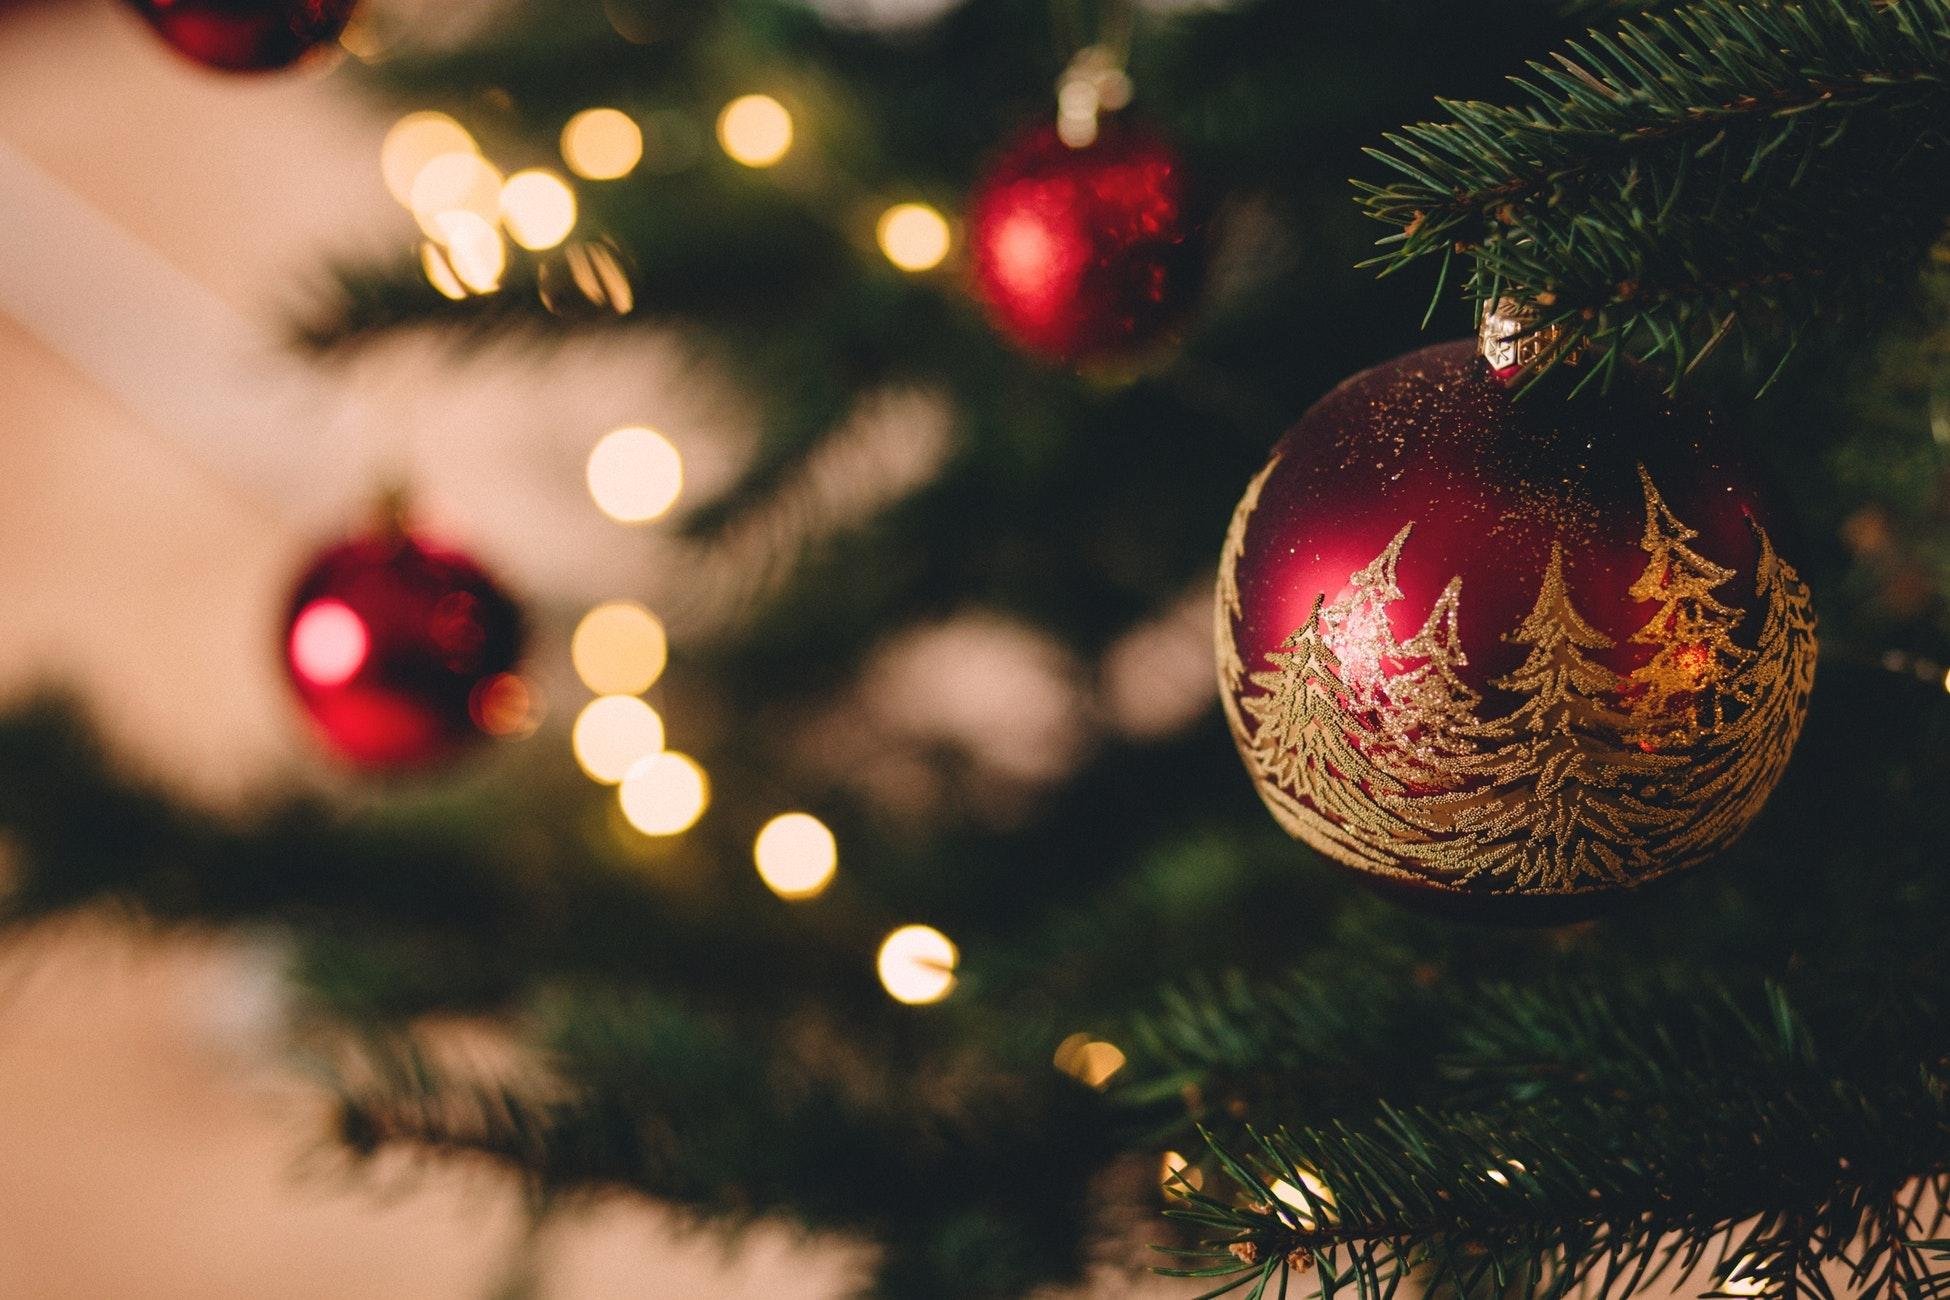 Weihnachtsessen Deutschland Tradition.Internationale Weihnachtsessen Ideen Für Leckere Festtage